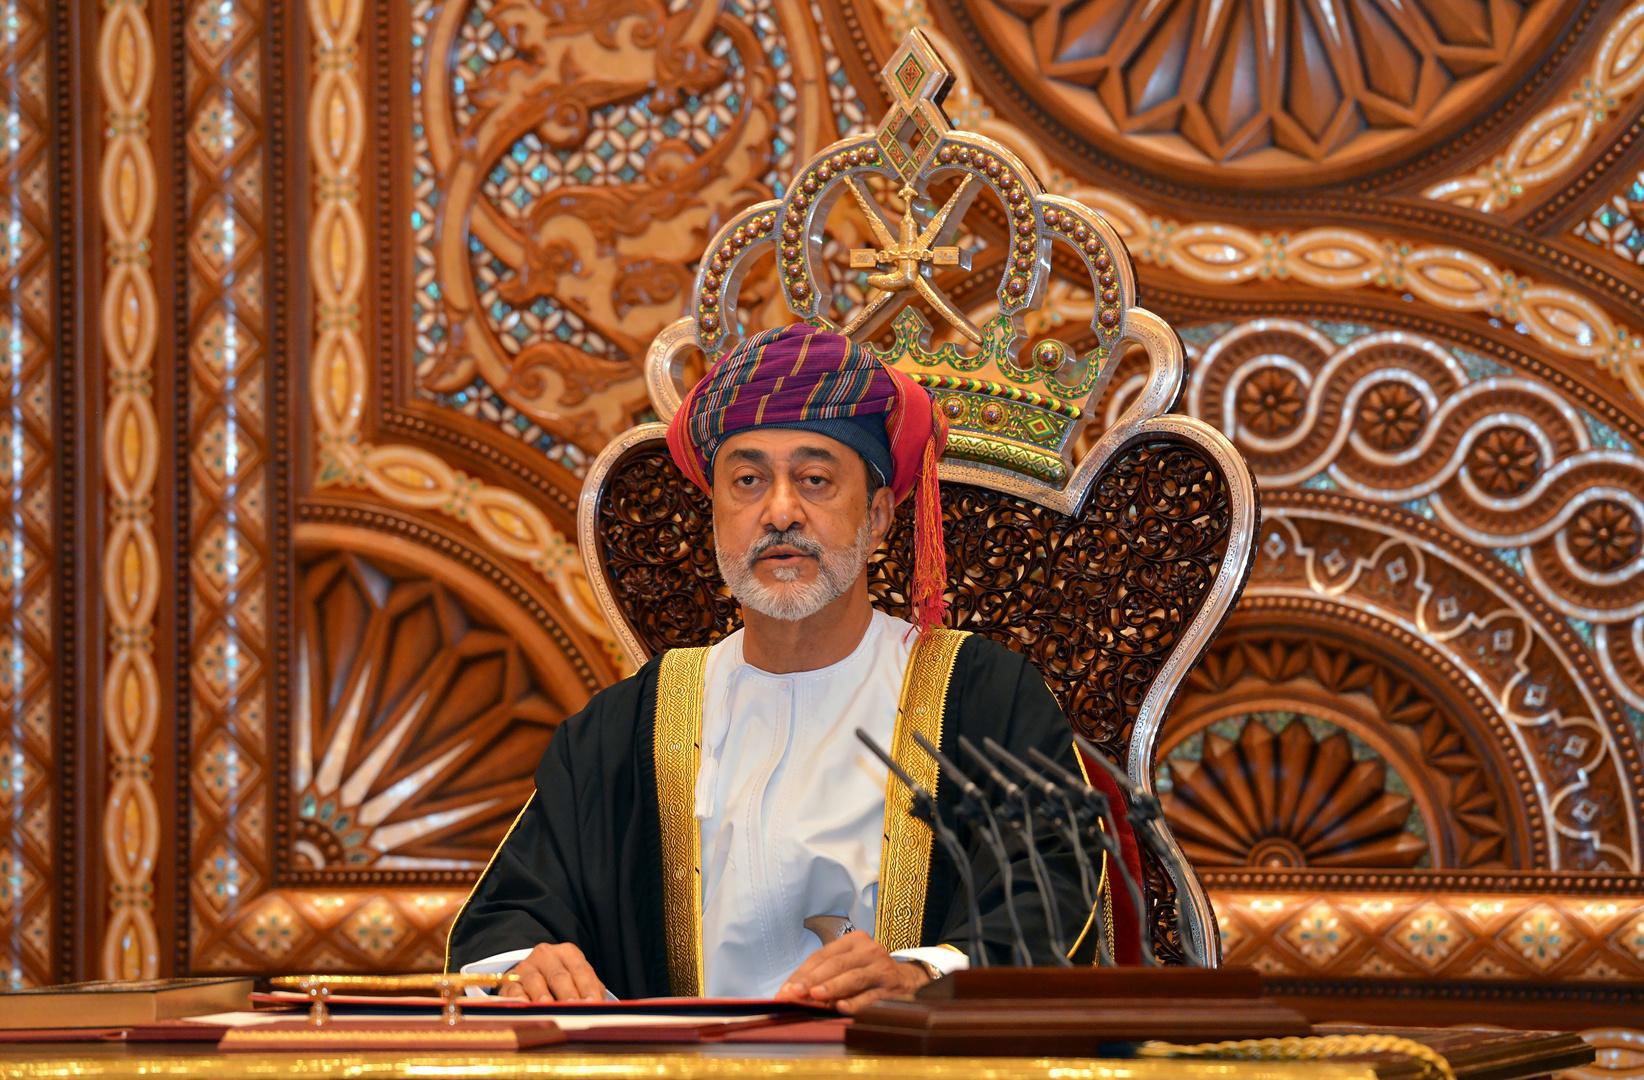 سلطان عمان الجديد يكشف عن سياسته الخارجية